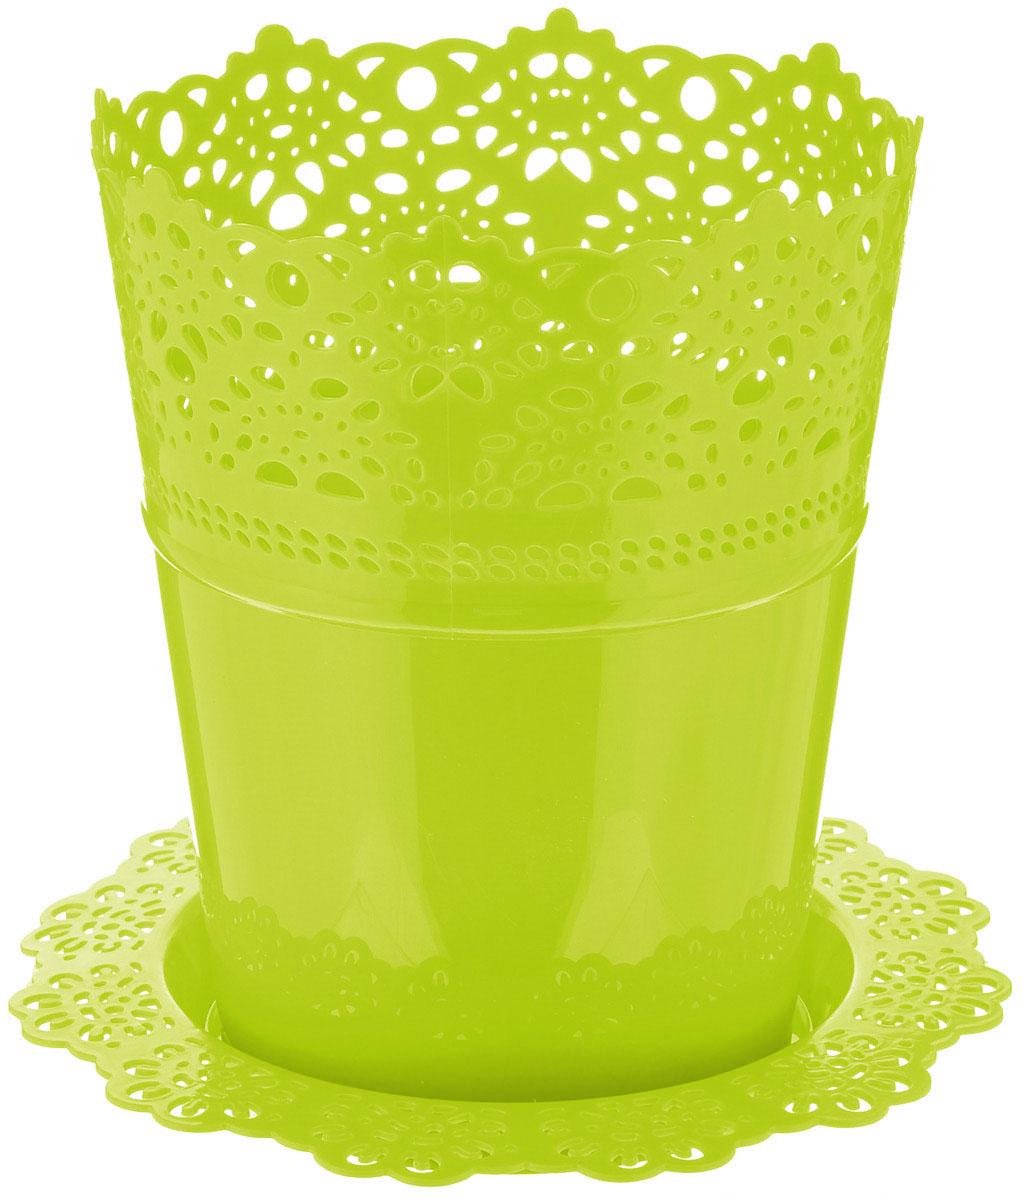 Кашпо Idea Ажур, с подставкой, цвет: салатовый, диаметр 15 смМ 3092Кашпо Idea Ажур изготовлено из полипропилена (пластика). Специальная подставка предназначена для стока воды. Верх изделия и подставка оформлены перфорацией, напоминающей кружево. Изделие прекрасно подходит для выращивания растений и цветов в домашних условиях. Диаметр подставки: 19 см.